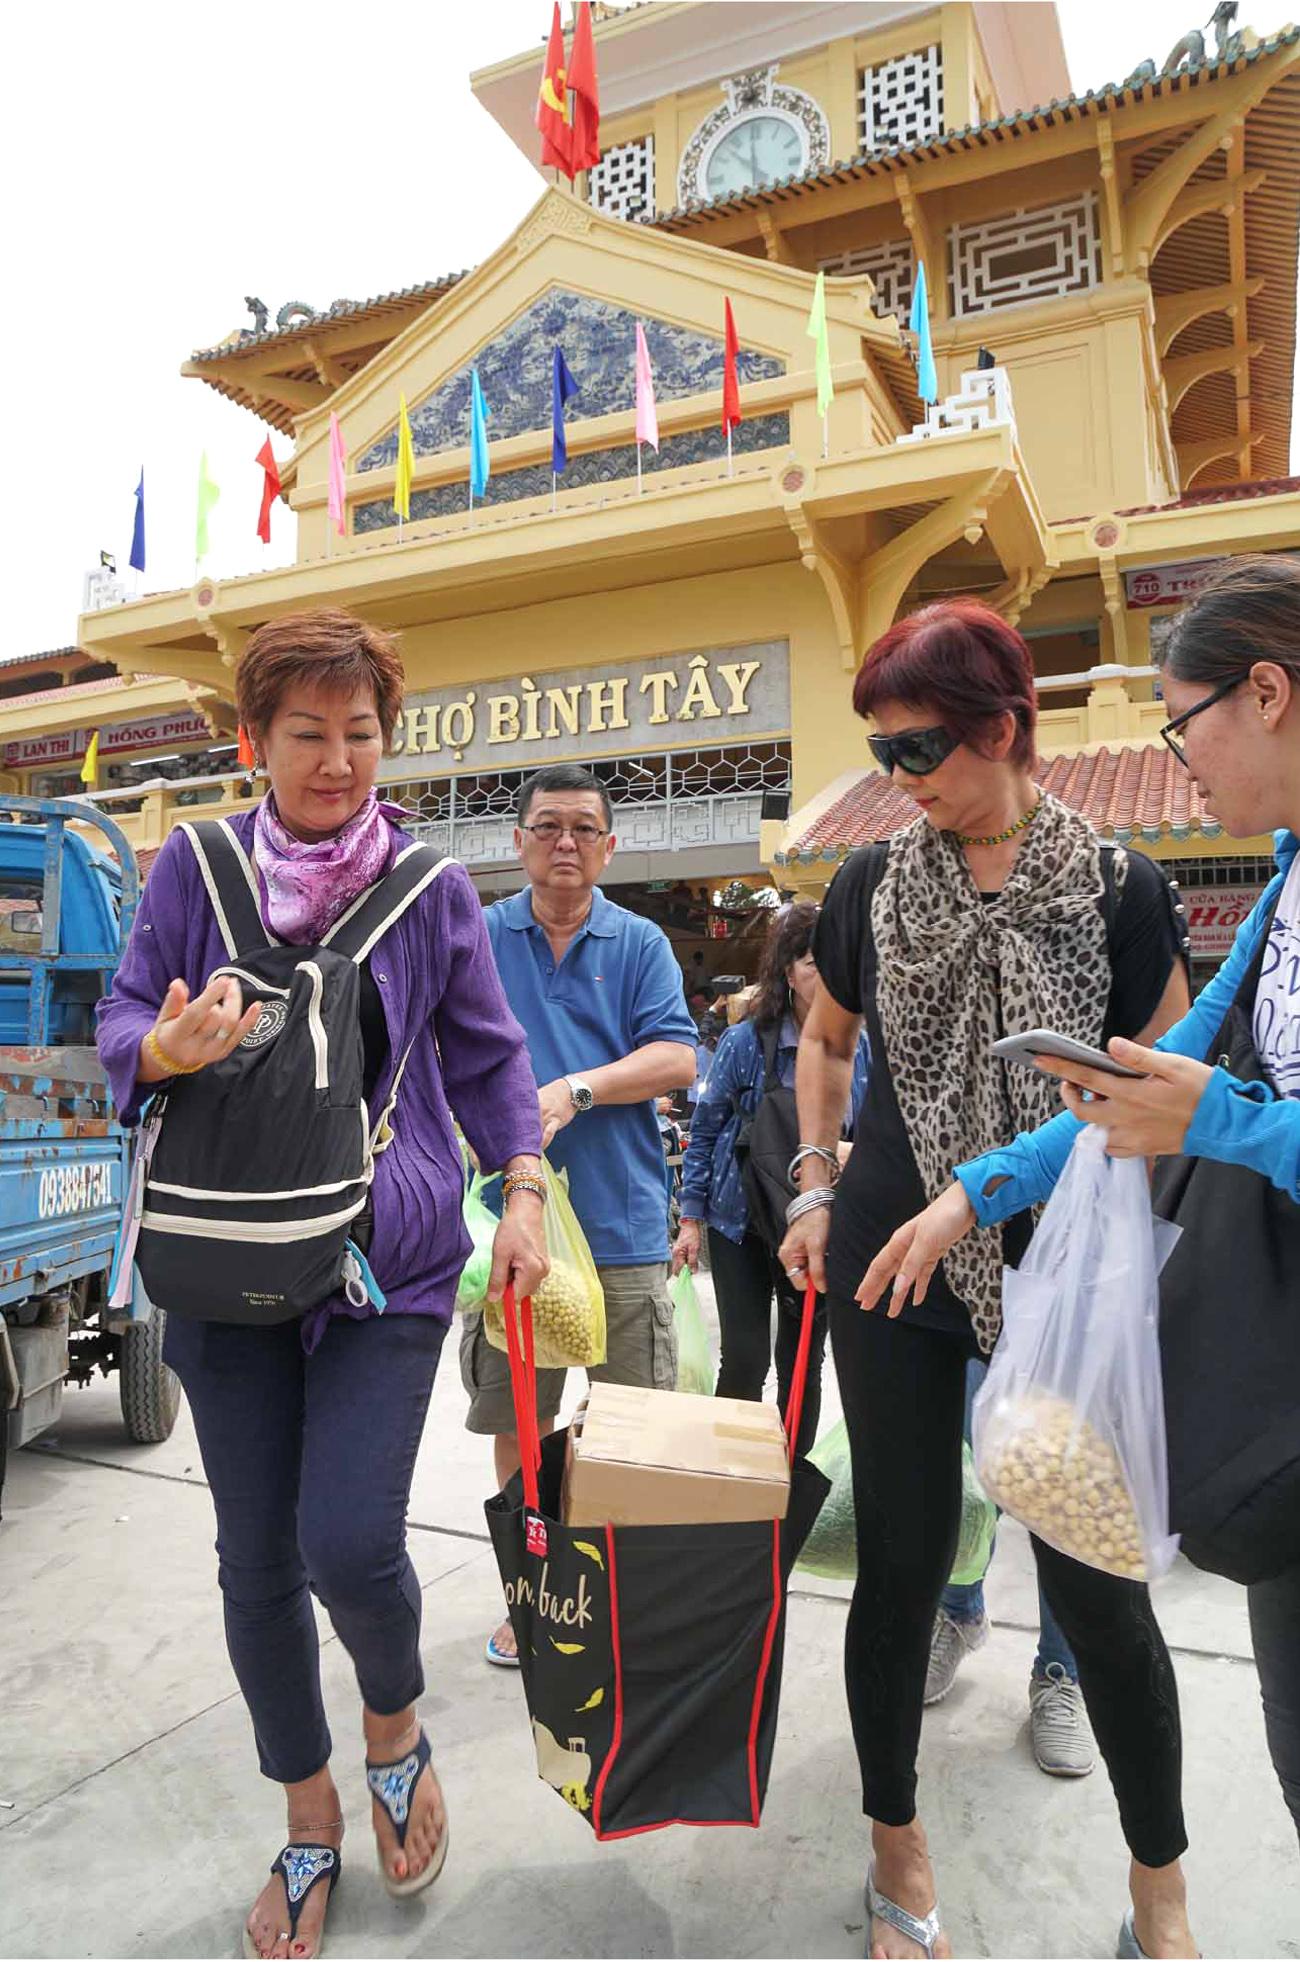 Chợ Bình Tây - 2 năm ngày trở lại ảnh 6